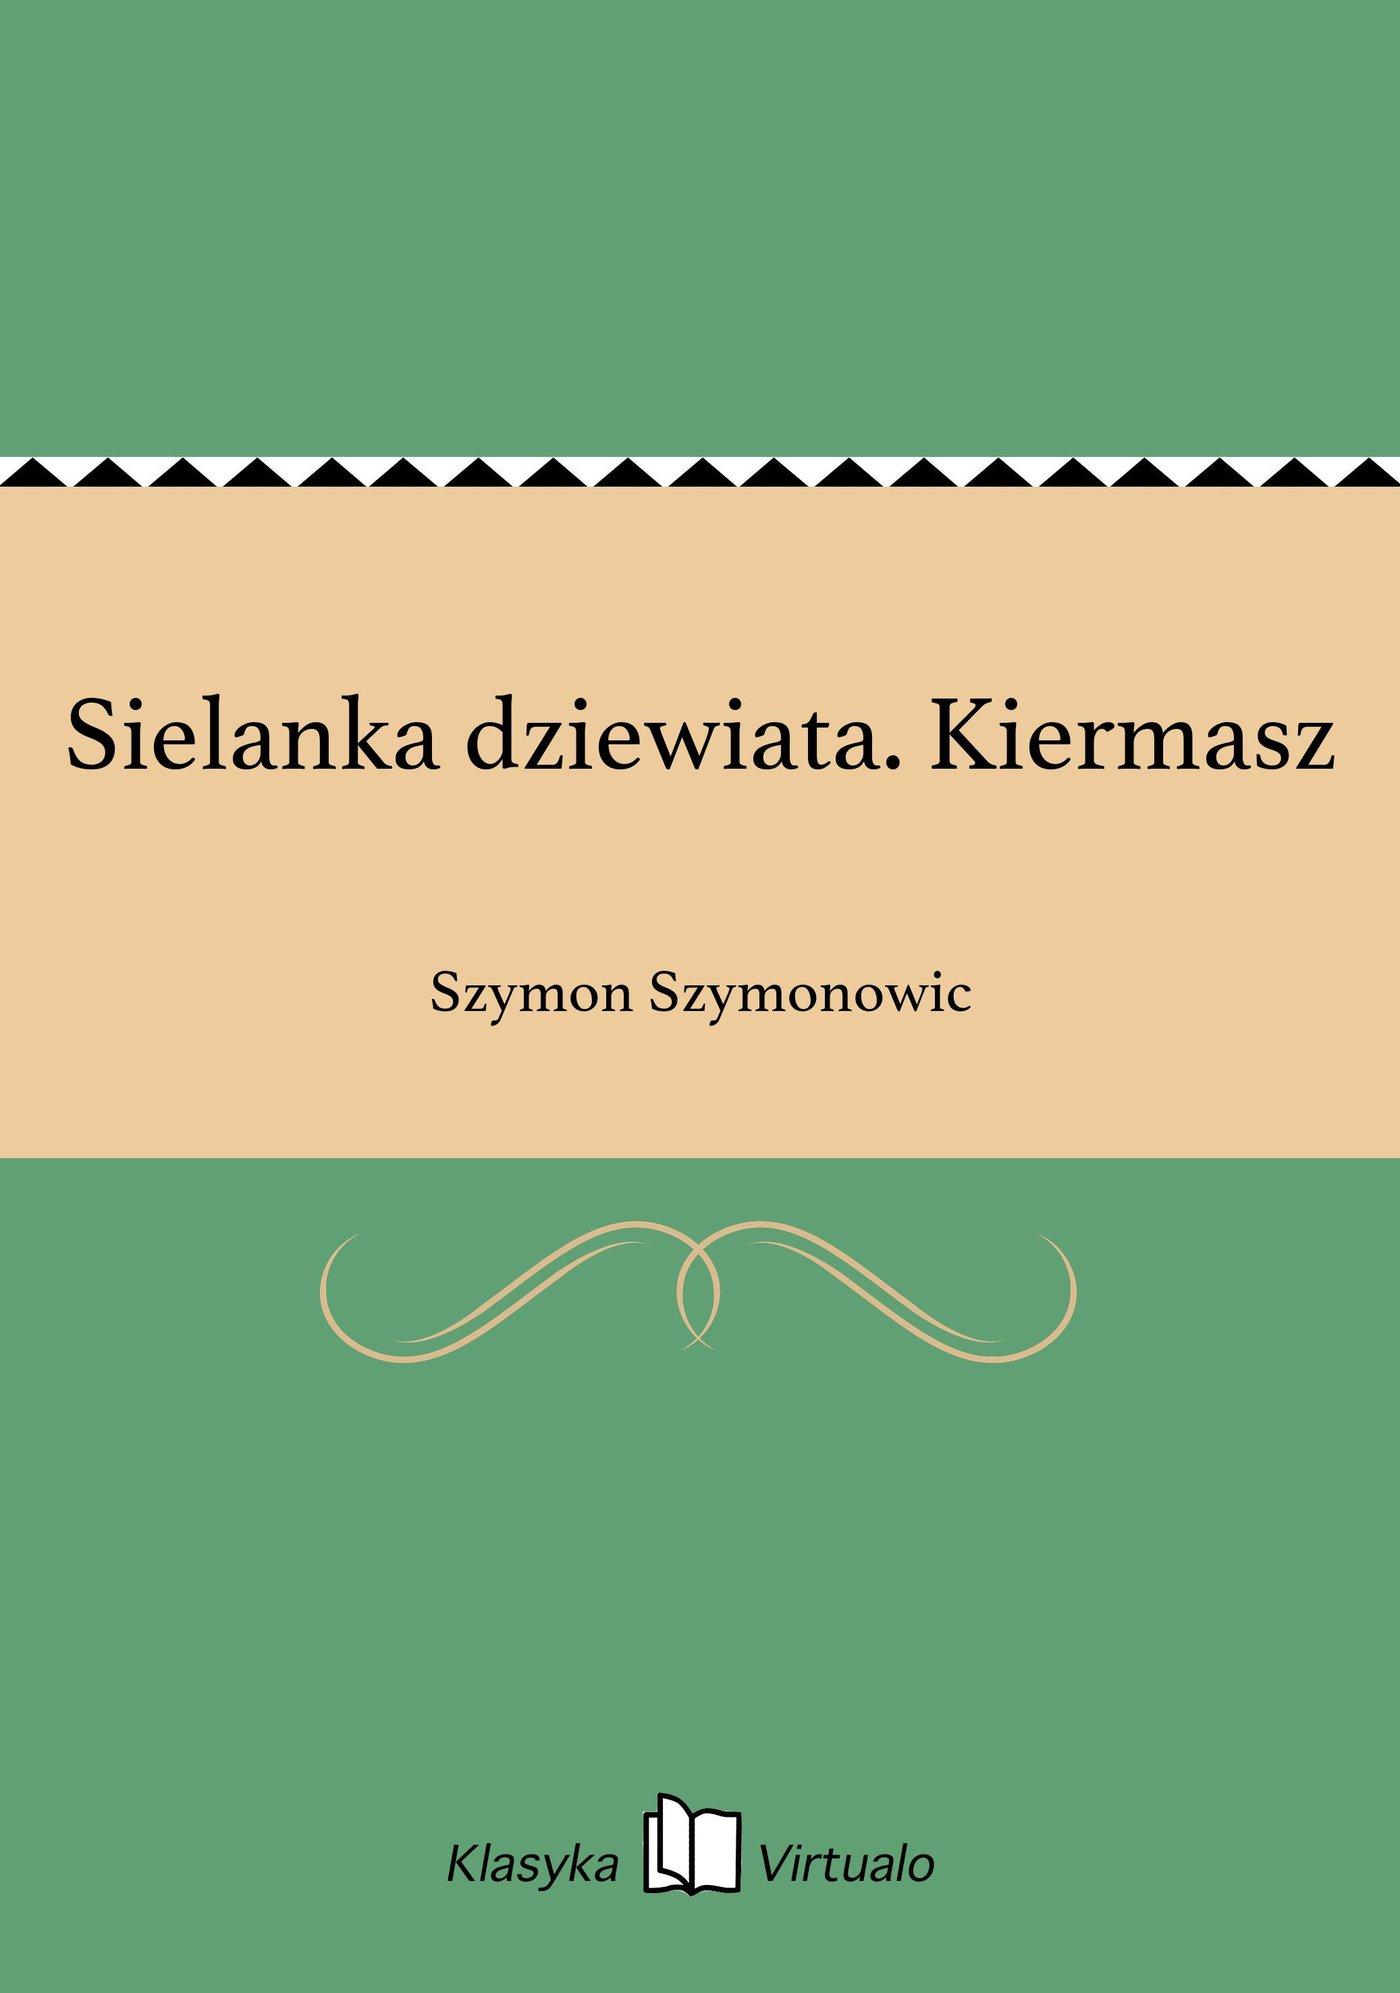 Sielanka dziewiata. Kiermasz - Ebook (Książka EPUB) do pobrania w formacie EPUB